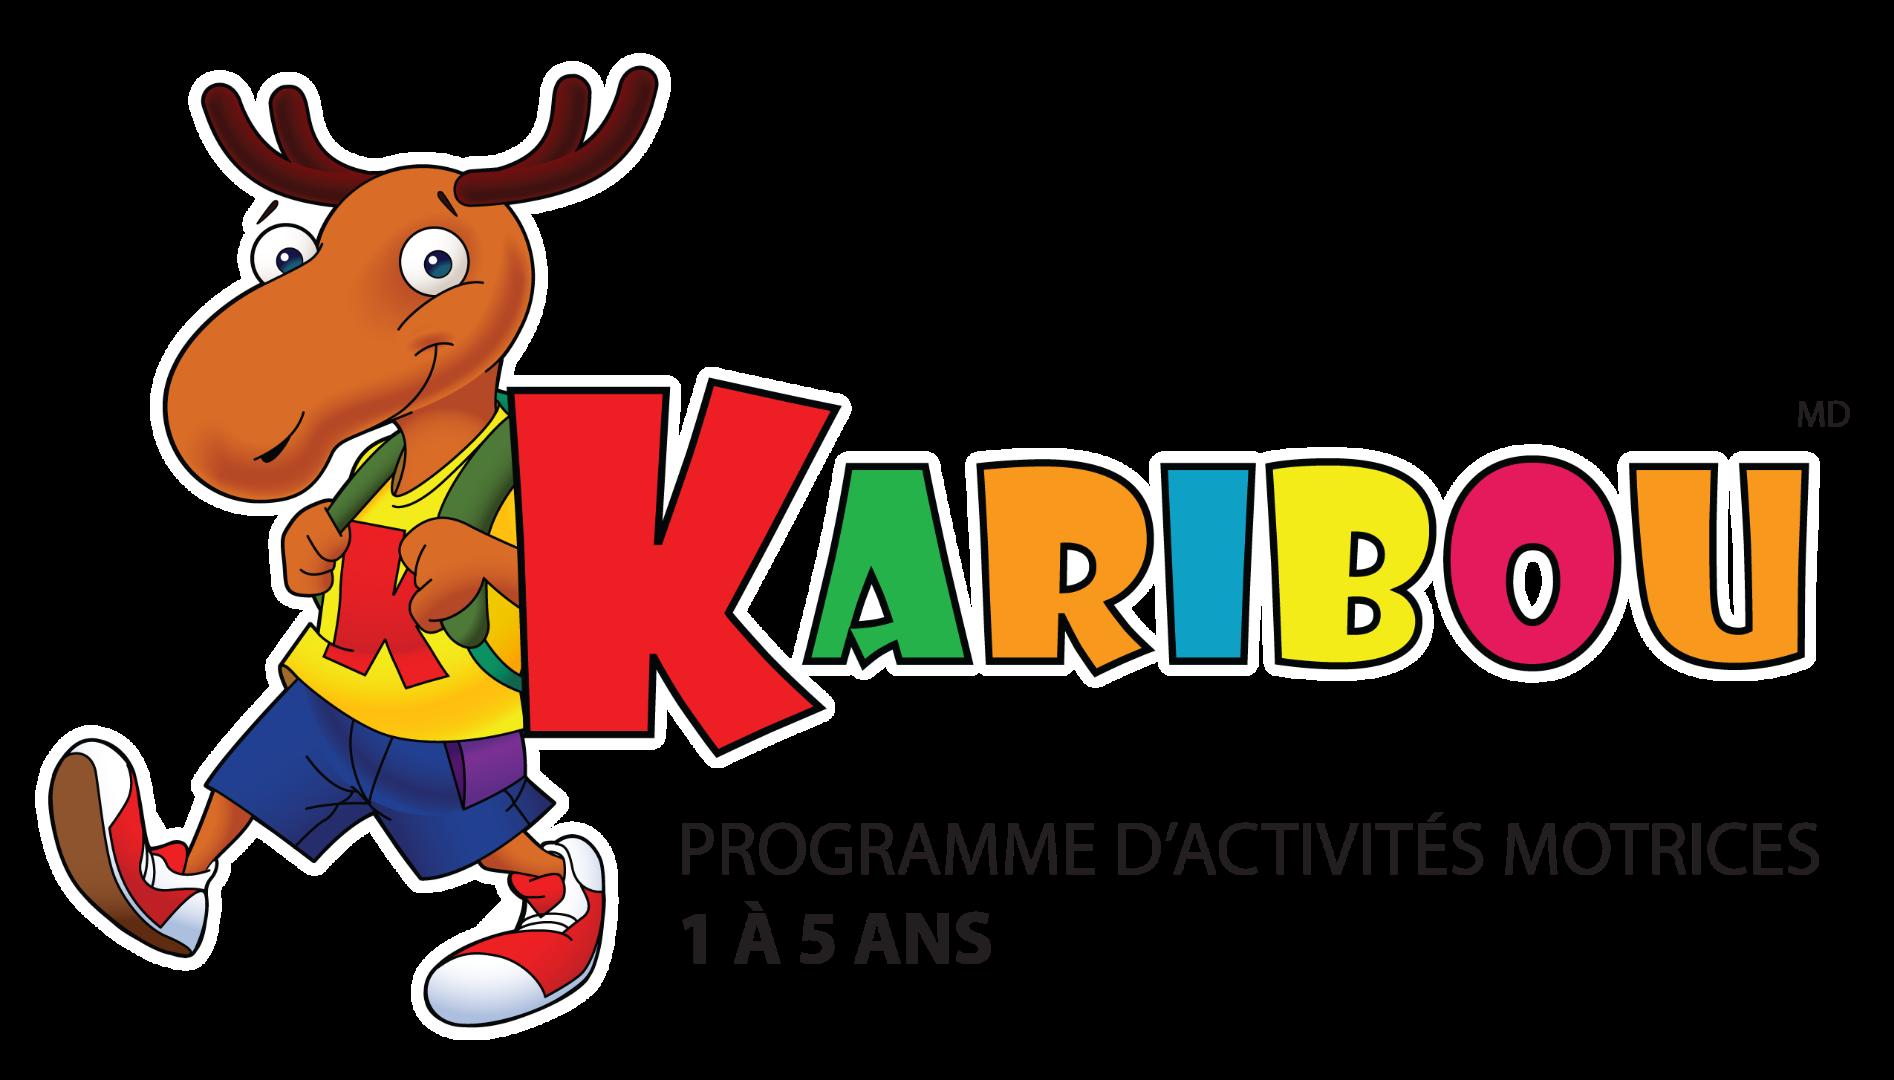 http://letourdumondedekaribou.com/media/1412/logo_karibou_soustitre.png